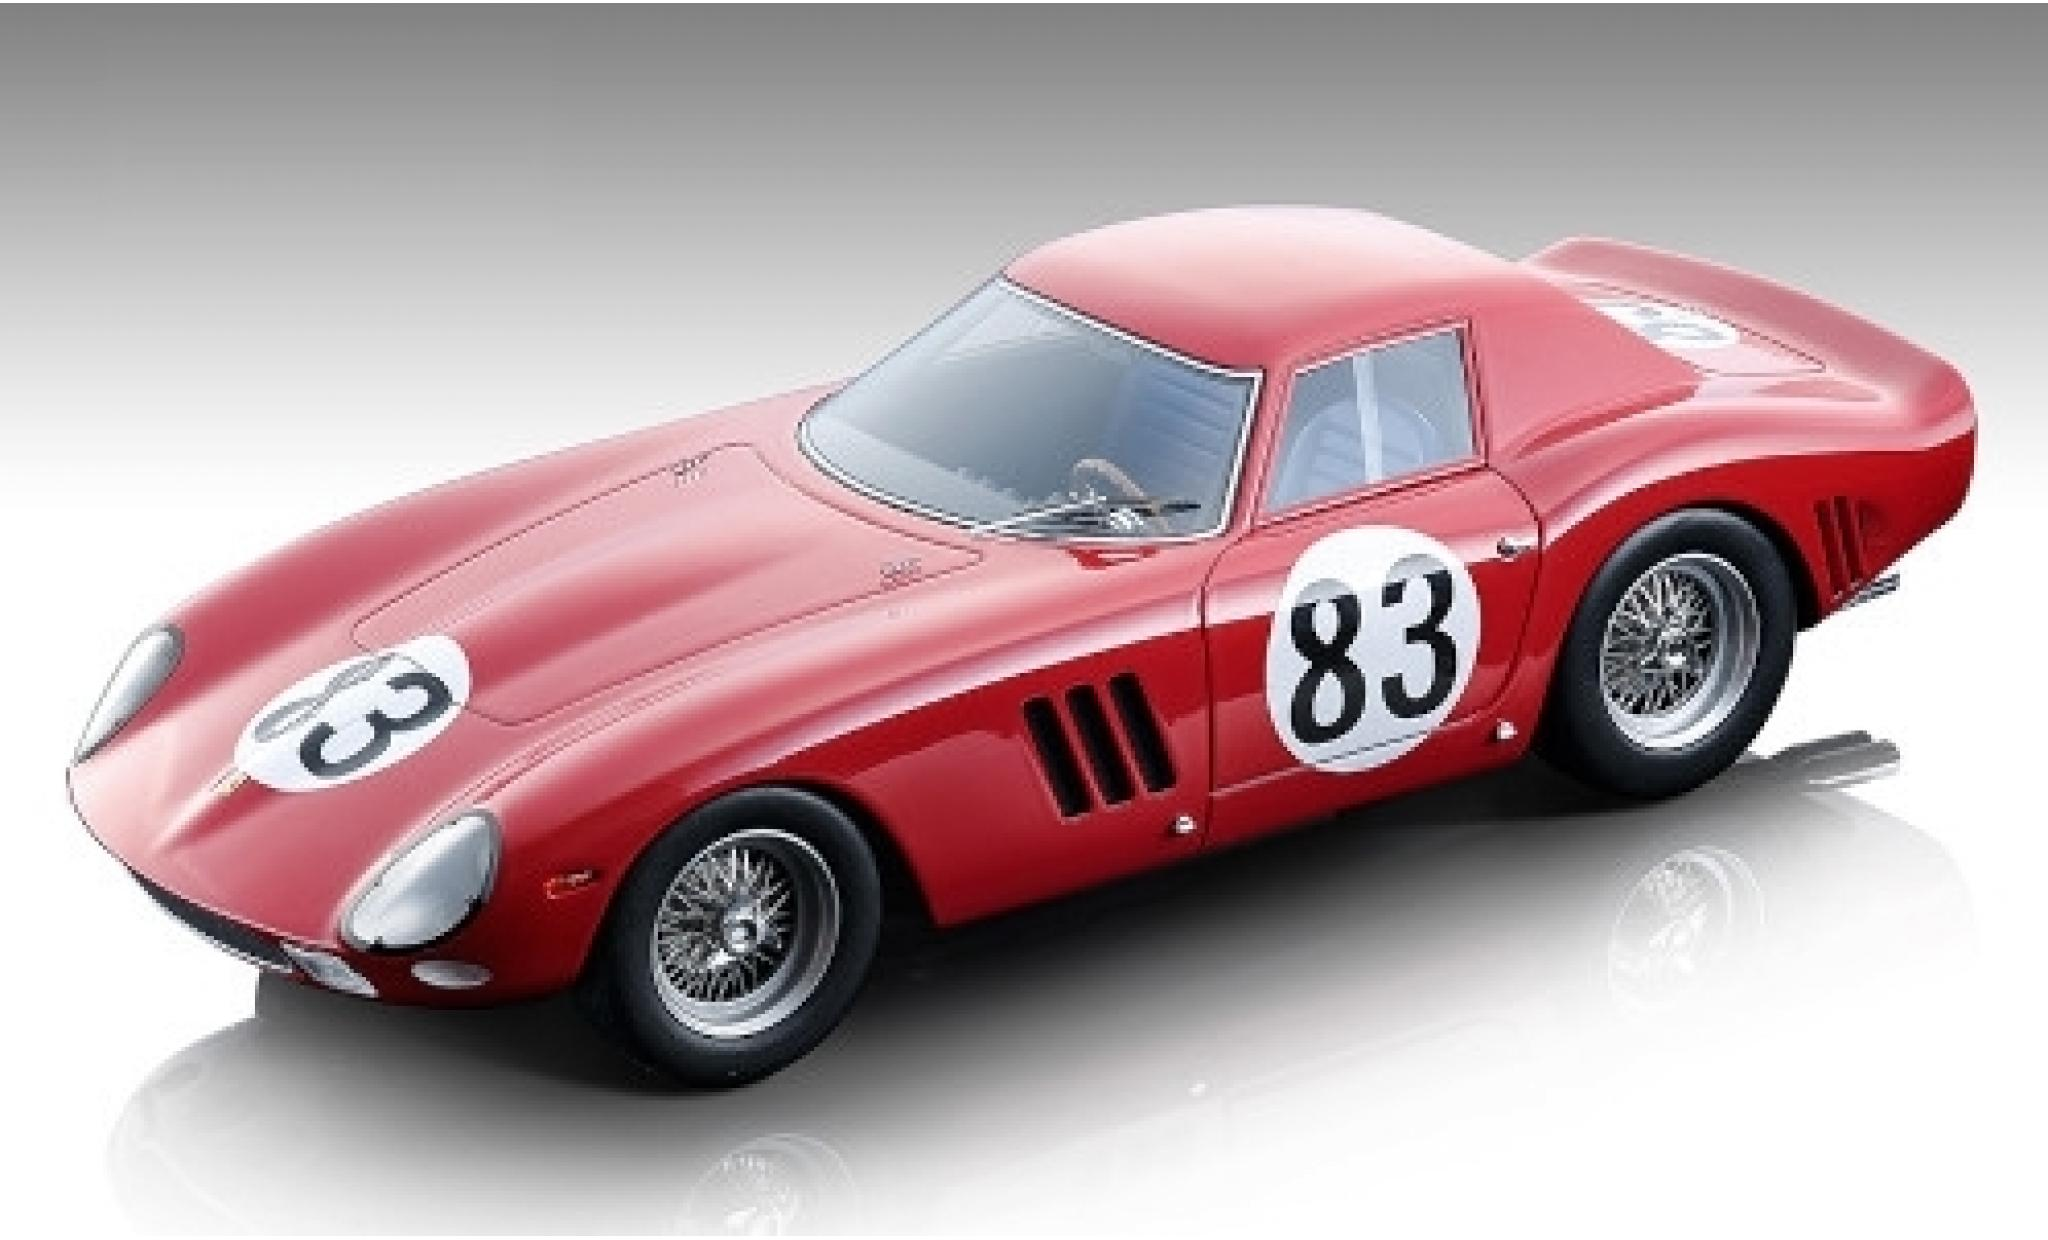 Ferrari 250 1/18 Tecnomodel GTO No.83 SEFAC 1000km Nürburgring 1964 M.Parkes/J.Guichet